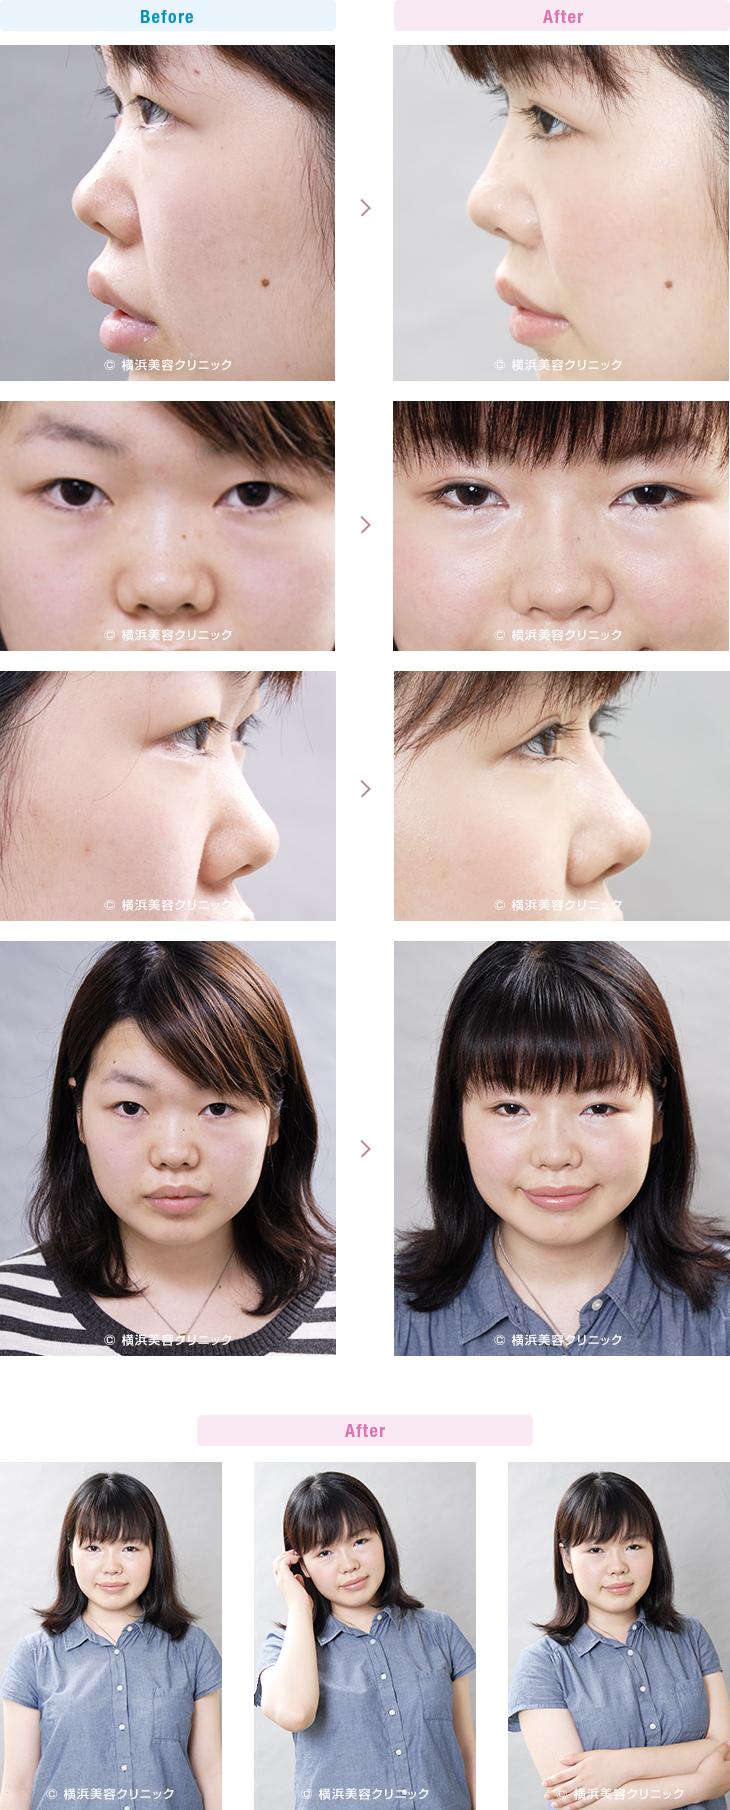 鼻(隆鼻術・整鼻術) 【20代女性】控えめに鼻筋を通したい場合はI型プロテーゼによる隆鼻術で鼻根部を高くします。【横浜美容クリニック】